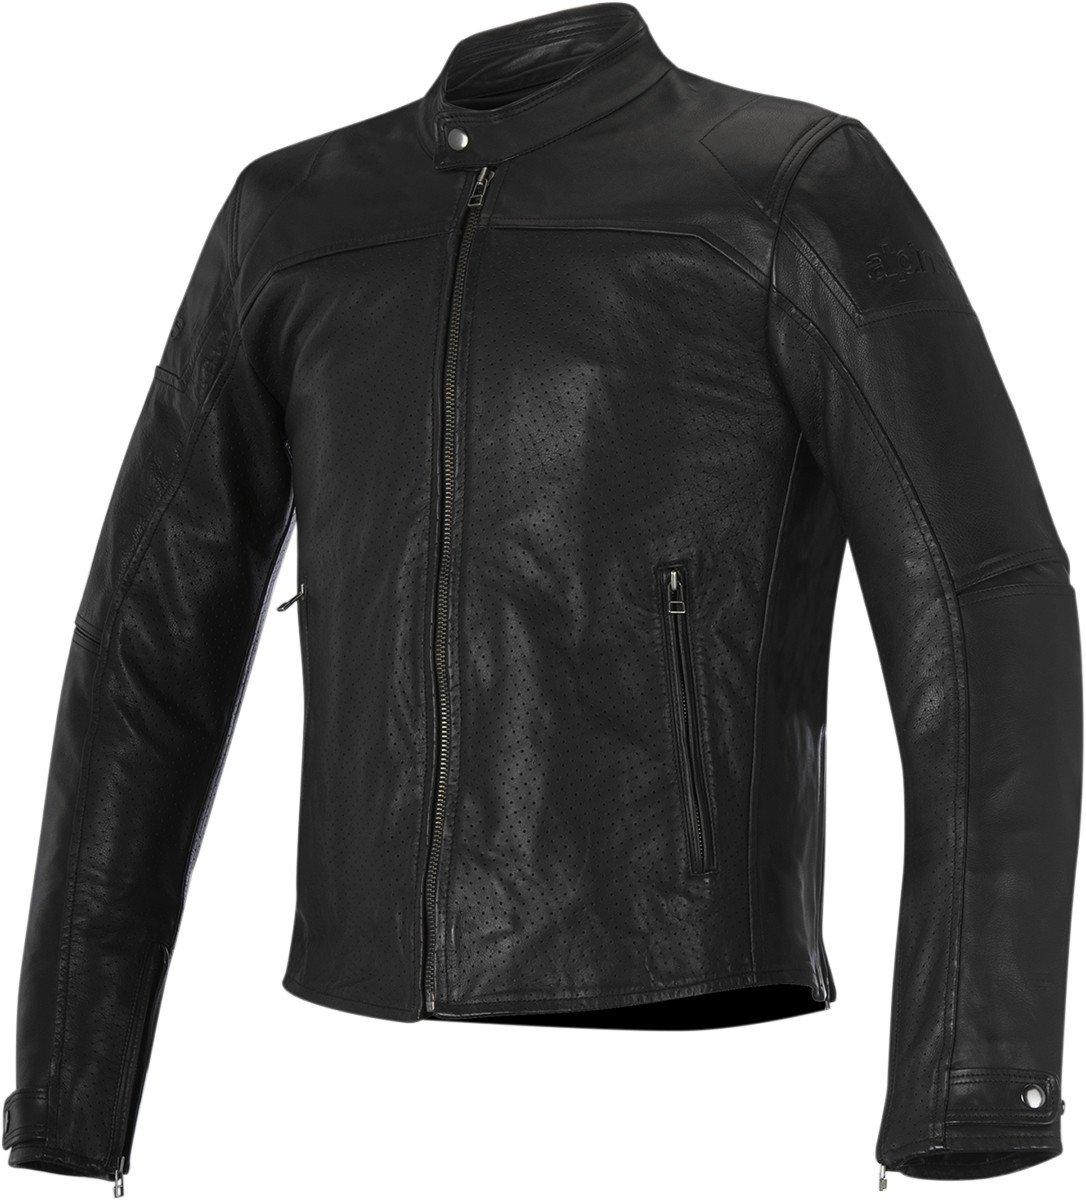 Black 54 Alpinestars Brera Airflow Mens Street Motorcycle Jackets